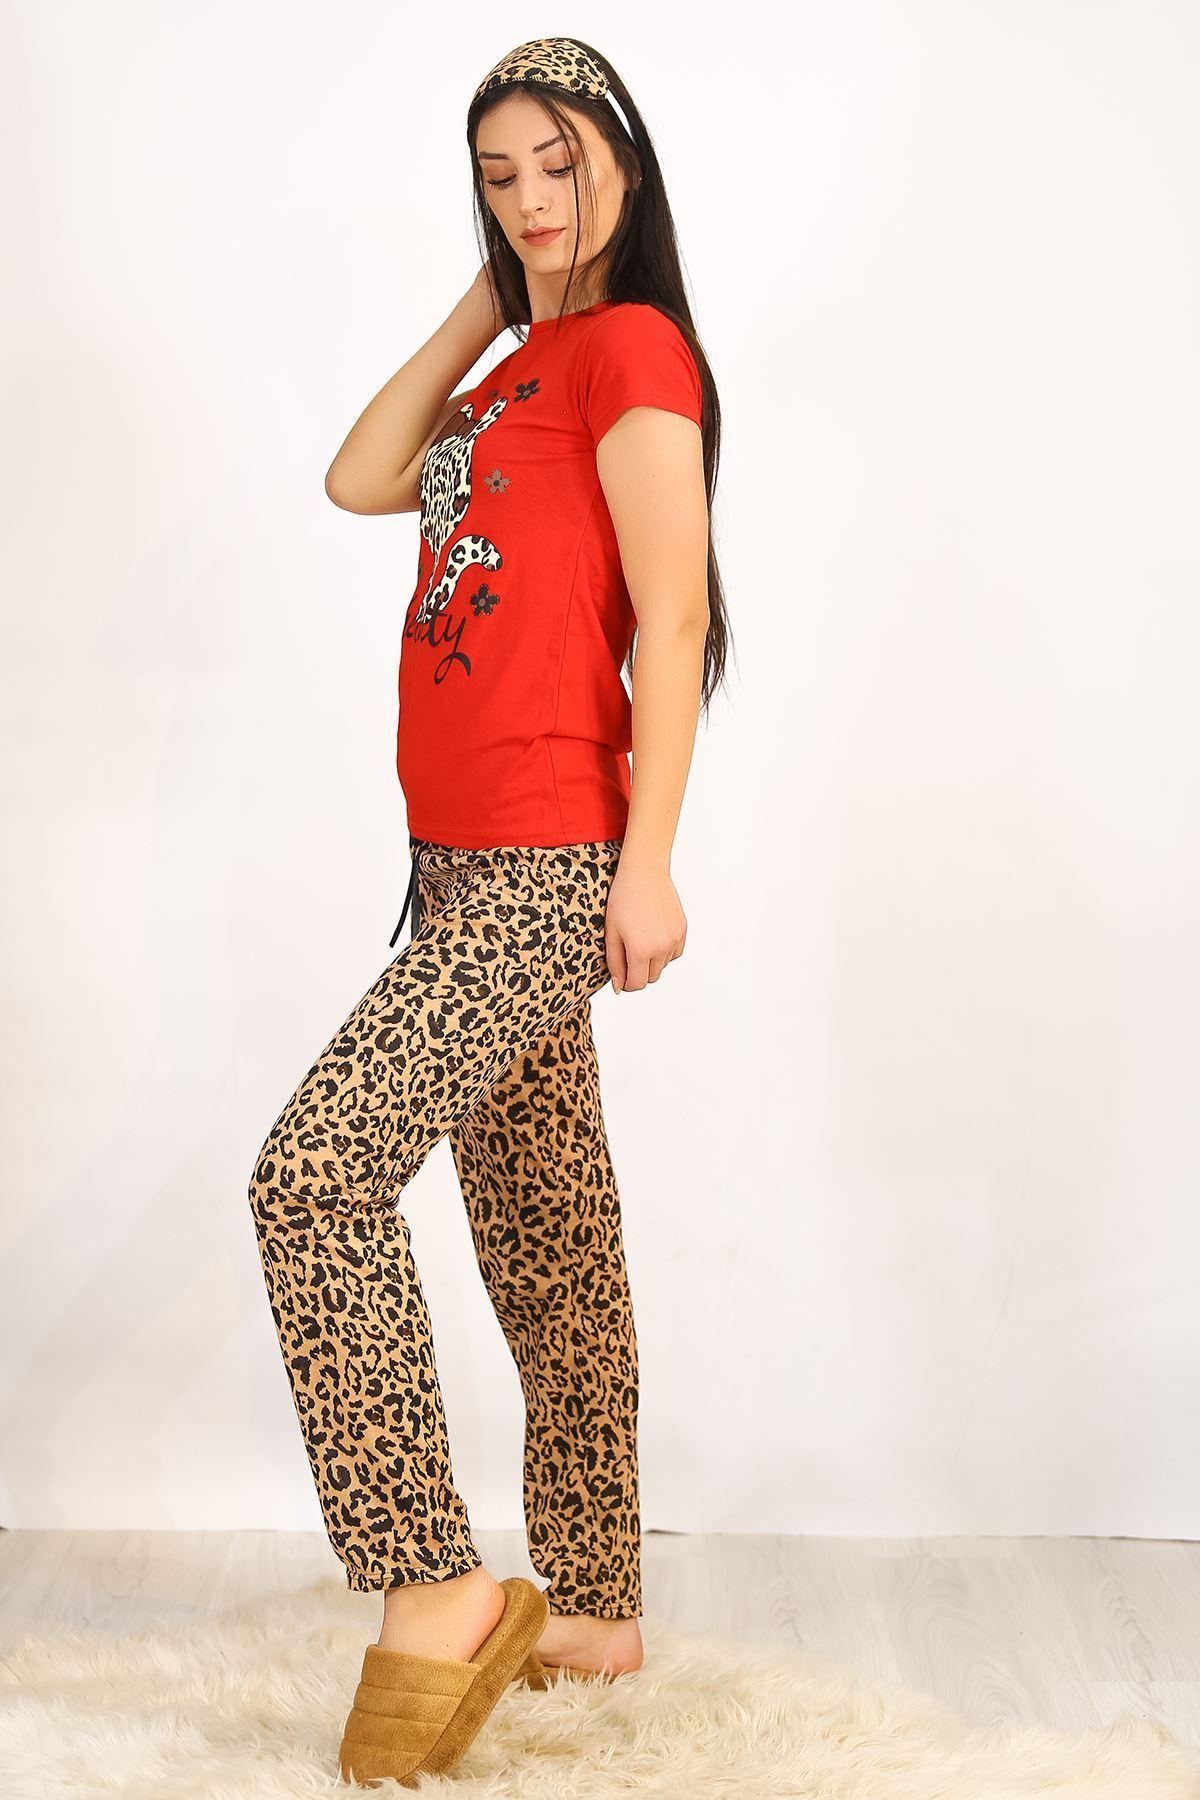 Baskılı Pijama Takımı Kırmızı - 4700.102.